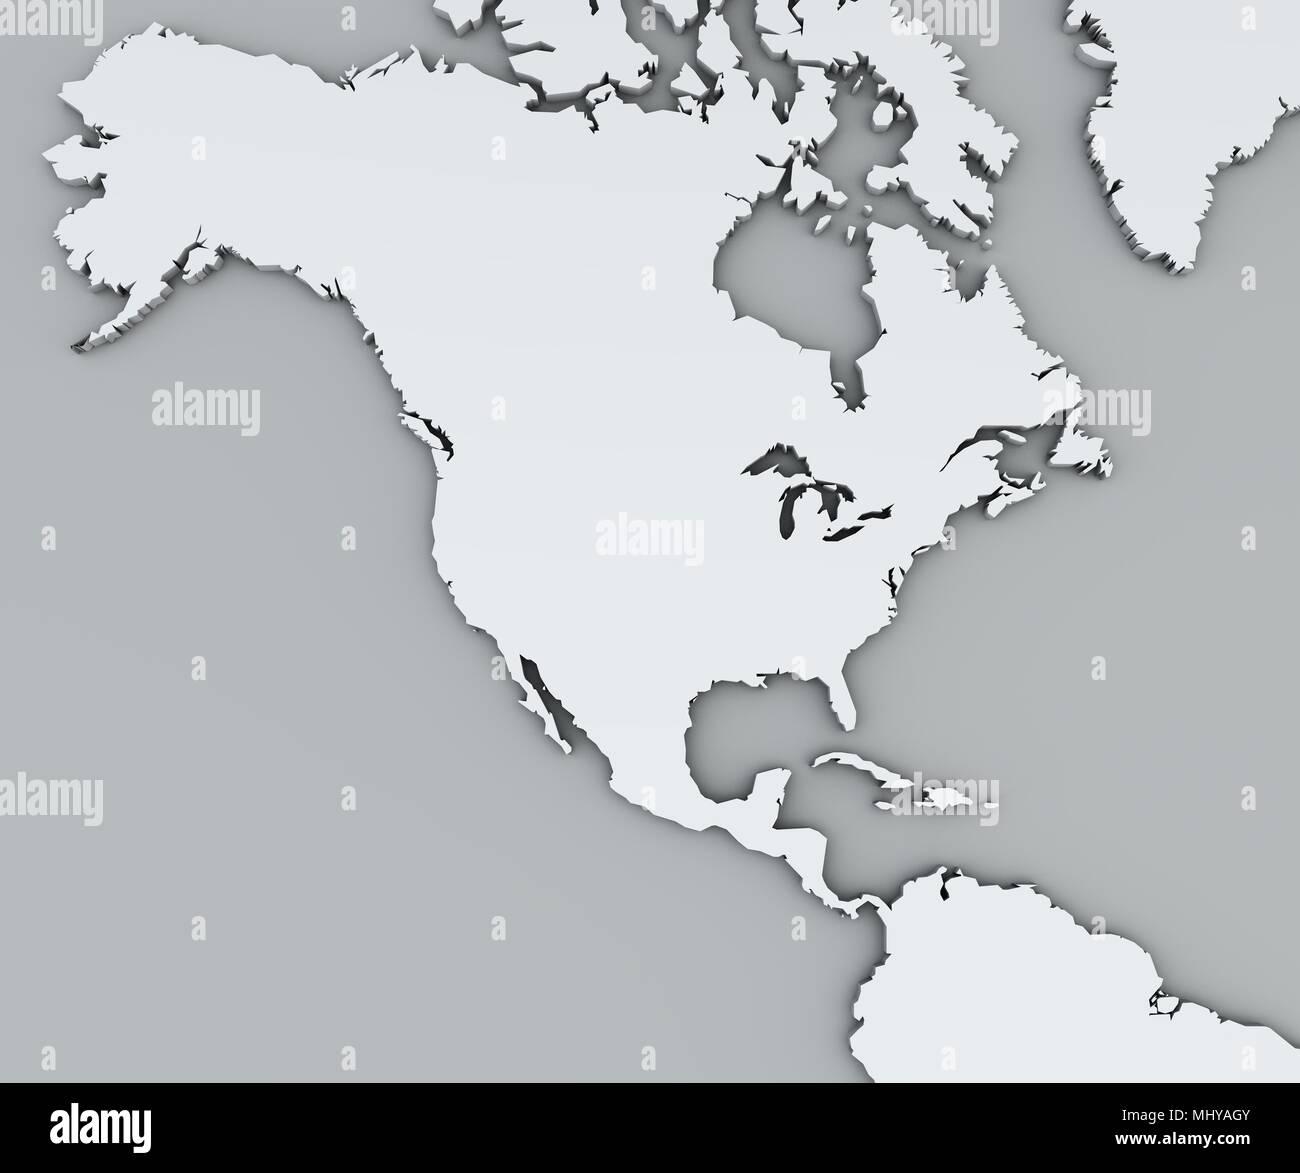 Cartina Fisica Del Nord America.Mappa Del Nord America Bianco Mappa Geografica Fisica Cartografia Atlante Geografico Foto Stock Alamy